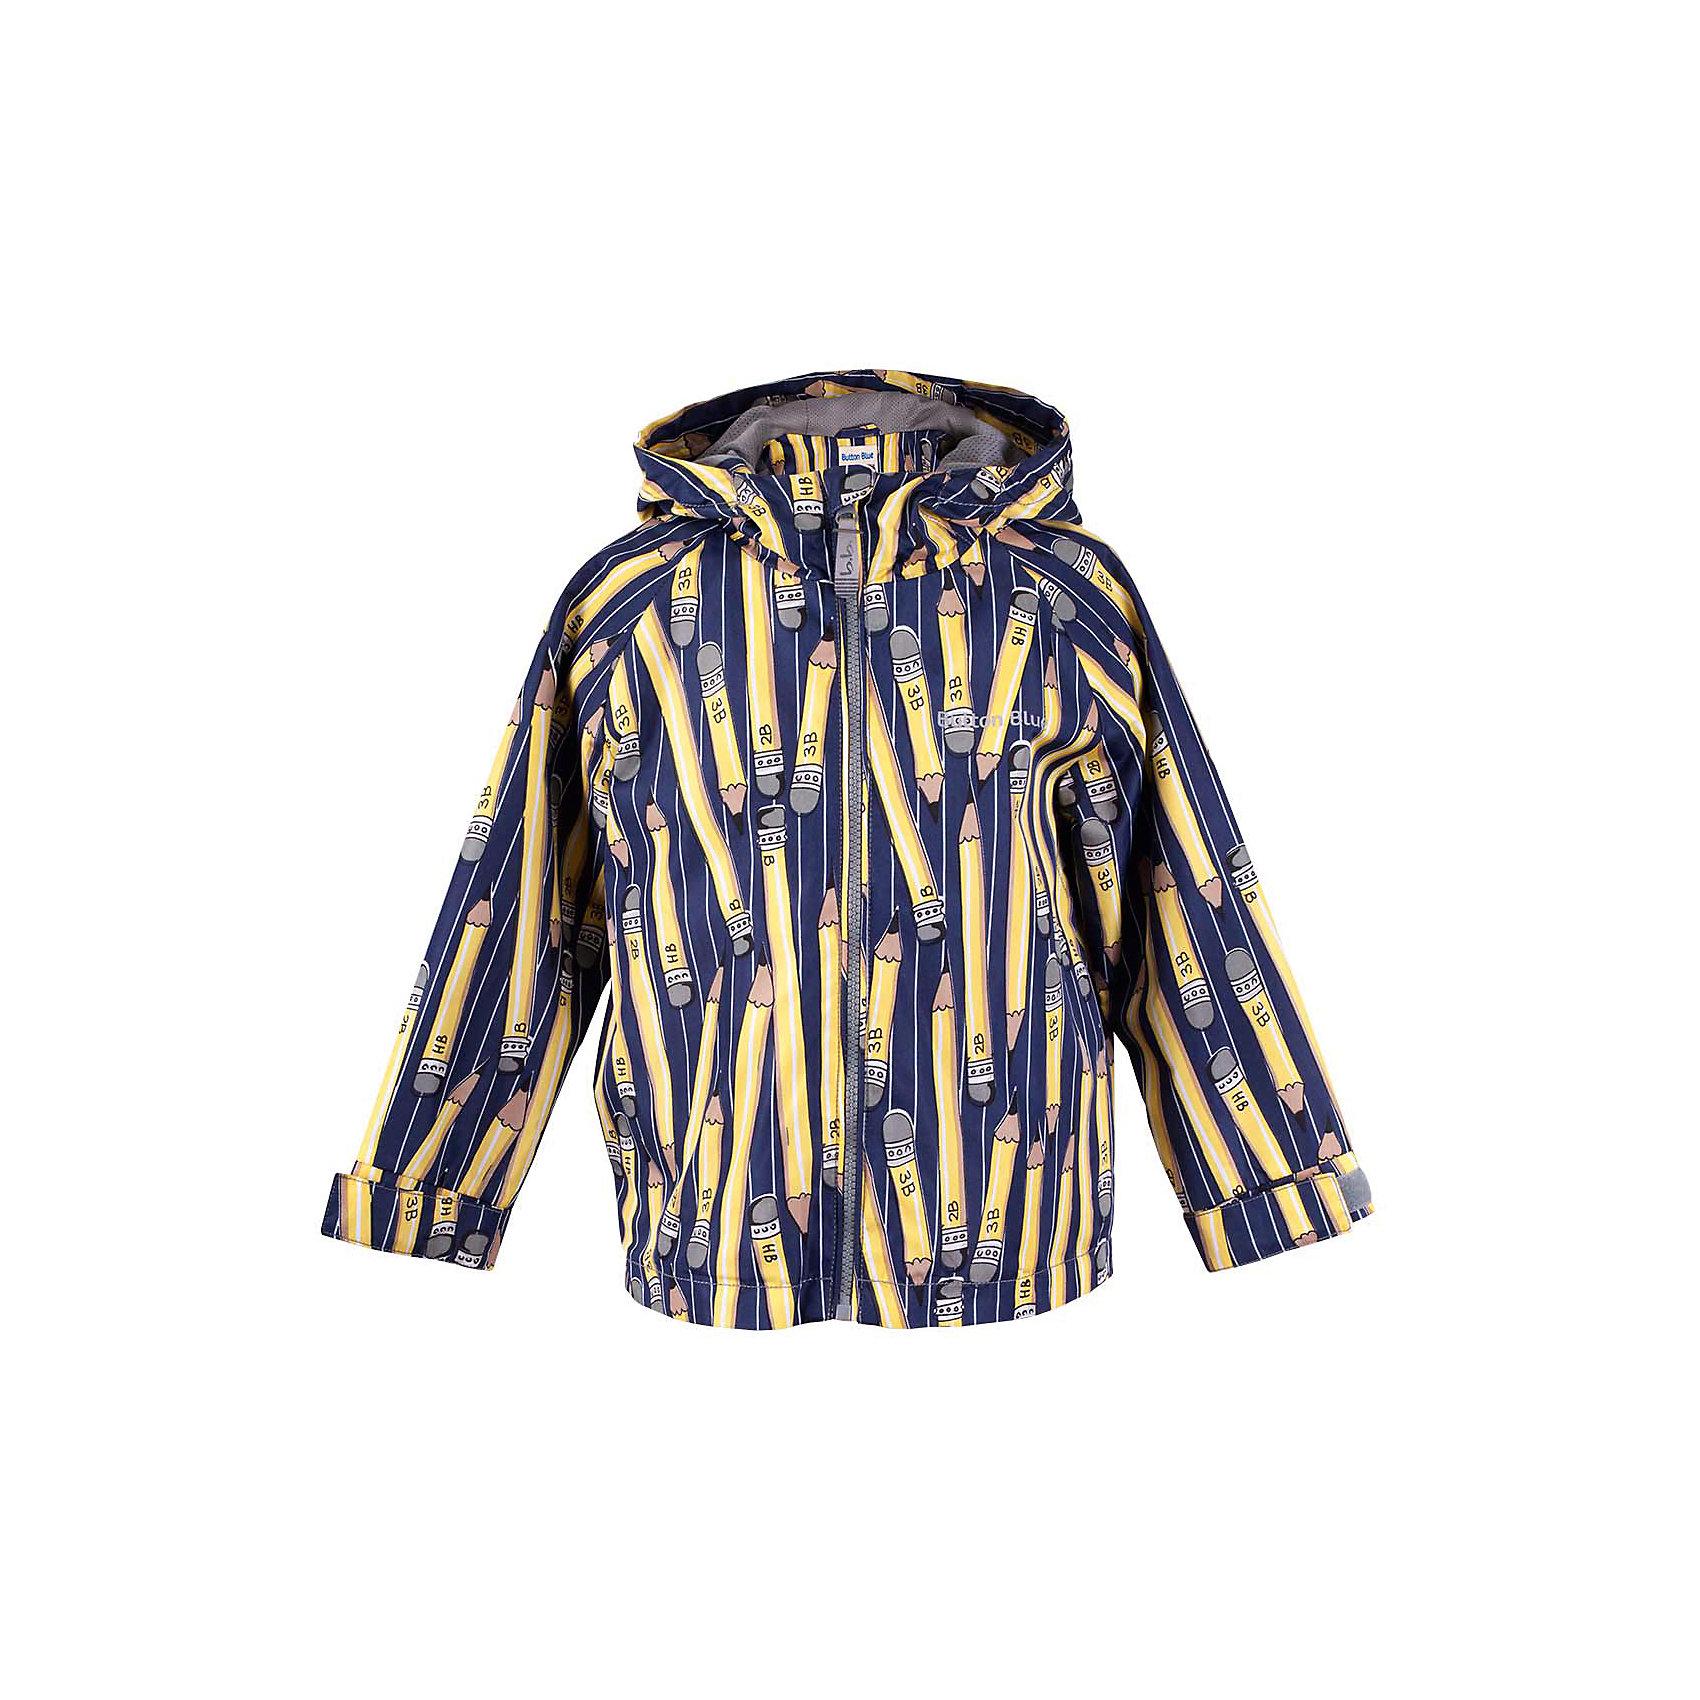 Куртка для мальчика  BUTTON BLUEВерхняя одежда<br>Куртка для мальчика  BUTTON BLUE<br>Отличная ветровка для мальчика понравится всем любителям активных прогулок! Ветровка сделана с соблюдением технологических особенностей производства спортивной одежды. Она не промокает, специальная подкладка создает комфорт при длительной носке, светоотражающие элементы обеспечивают безопасность ребенка. Водоотталкивающая ткань с оригинальным принтом делает ветровку запоминающейся. Если вы хотите купить отличную детскую ветровку недорого и не сомневаться в ее качестве и комфорте, ветровка от Button Blue - то, что вам нужно!<br>Состав:<br>Ткань  верха: 100% полиэстер, подклад: 100% полиэстер<br><br>Ширина мм: 356<br>Глубина мм: 10<br>Высота мм: 245<br>Вес г: 519<br>Цвет: синий<br>Возраст от месяцев: 24<br>Возраст до месяцев: 36<br>Пол: Мужской<br>Возраст: Детский<br>Размер: 98,158,152,146,140,134,128,122,116,110,104<br>SKU: 5524093